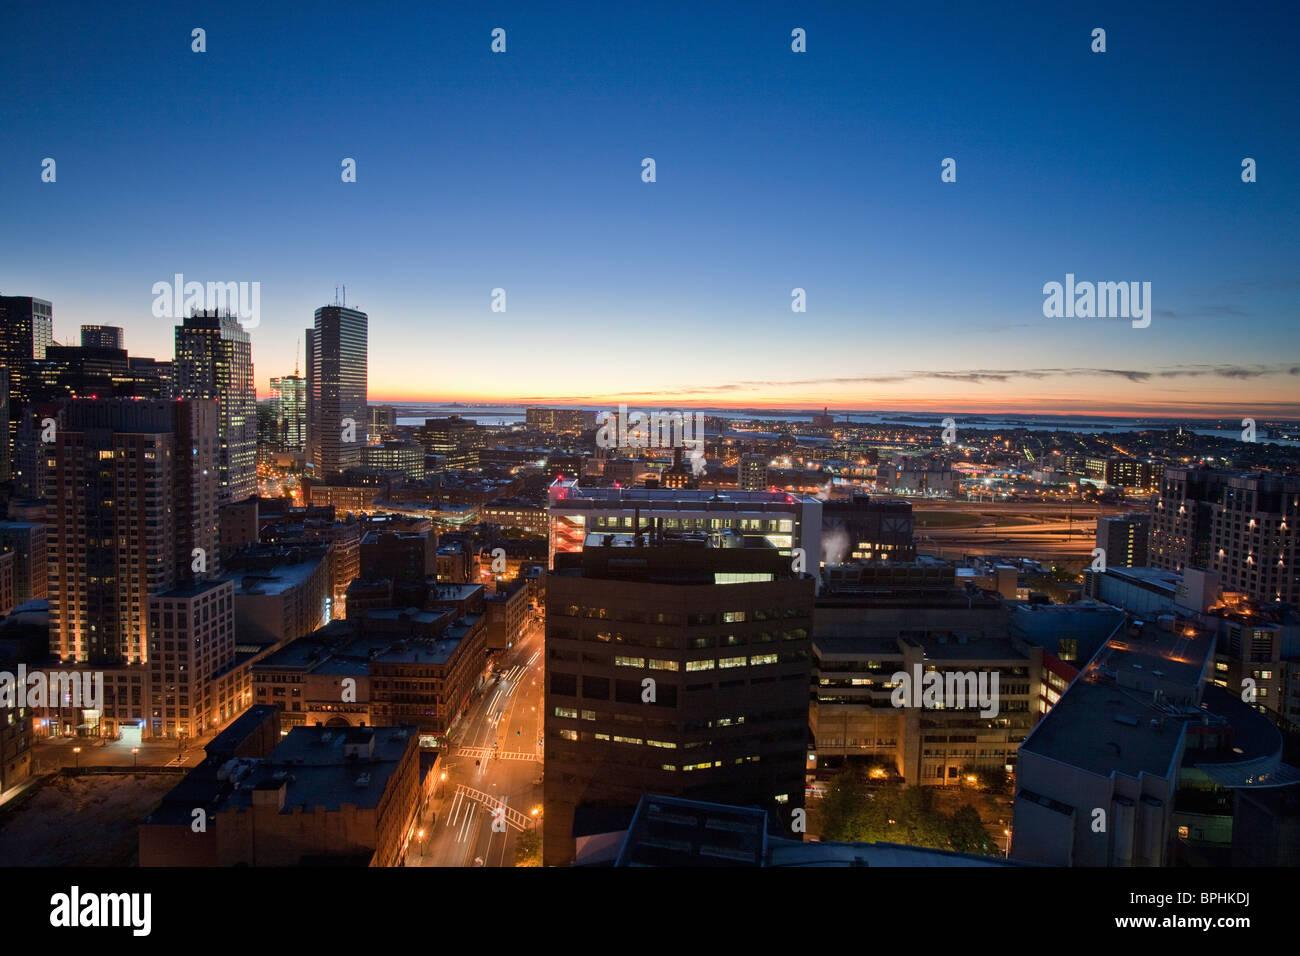 Edifici in una città, Kneeland street, Chinatown, Boston, contea di Suffolk, Massachusetts, STATI UNITI D'AMERICA Immagini Stock